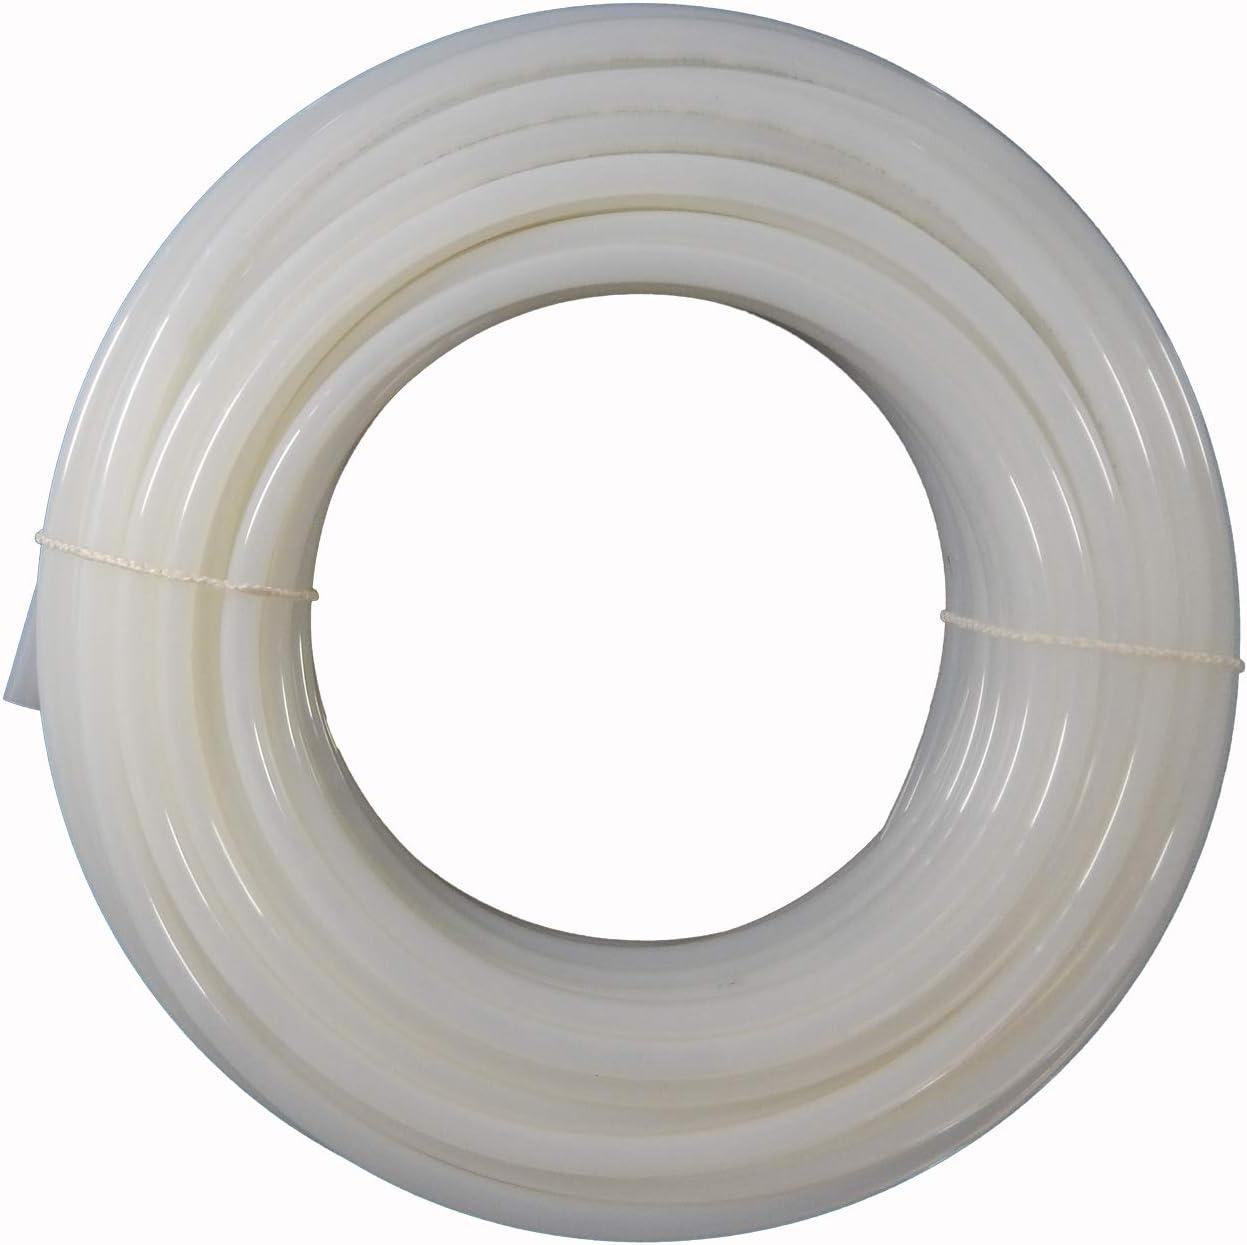 Camera daria PA 12 in poliammide tubo pneumatico 4 mm fino a 10 mm rotolo 10 metri.